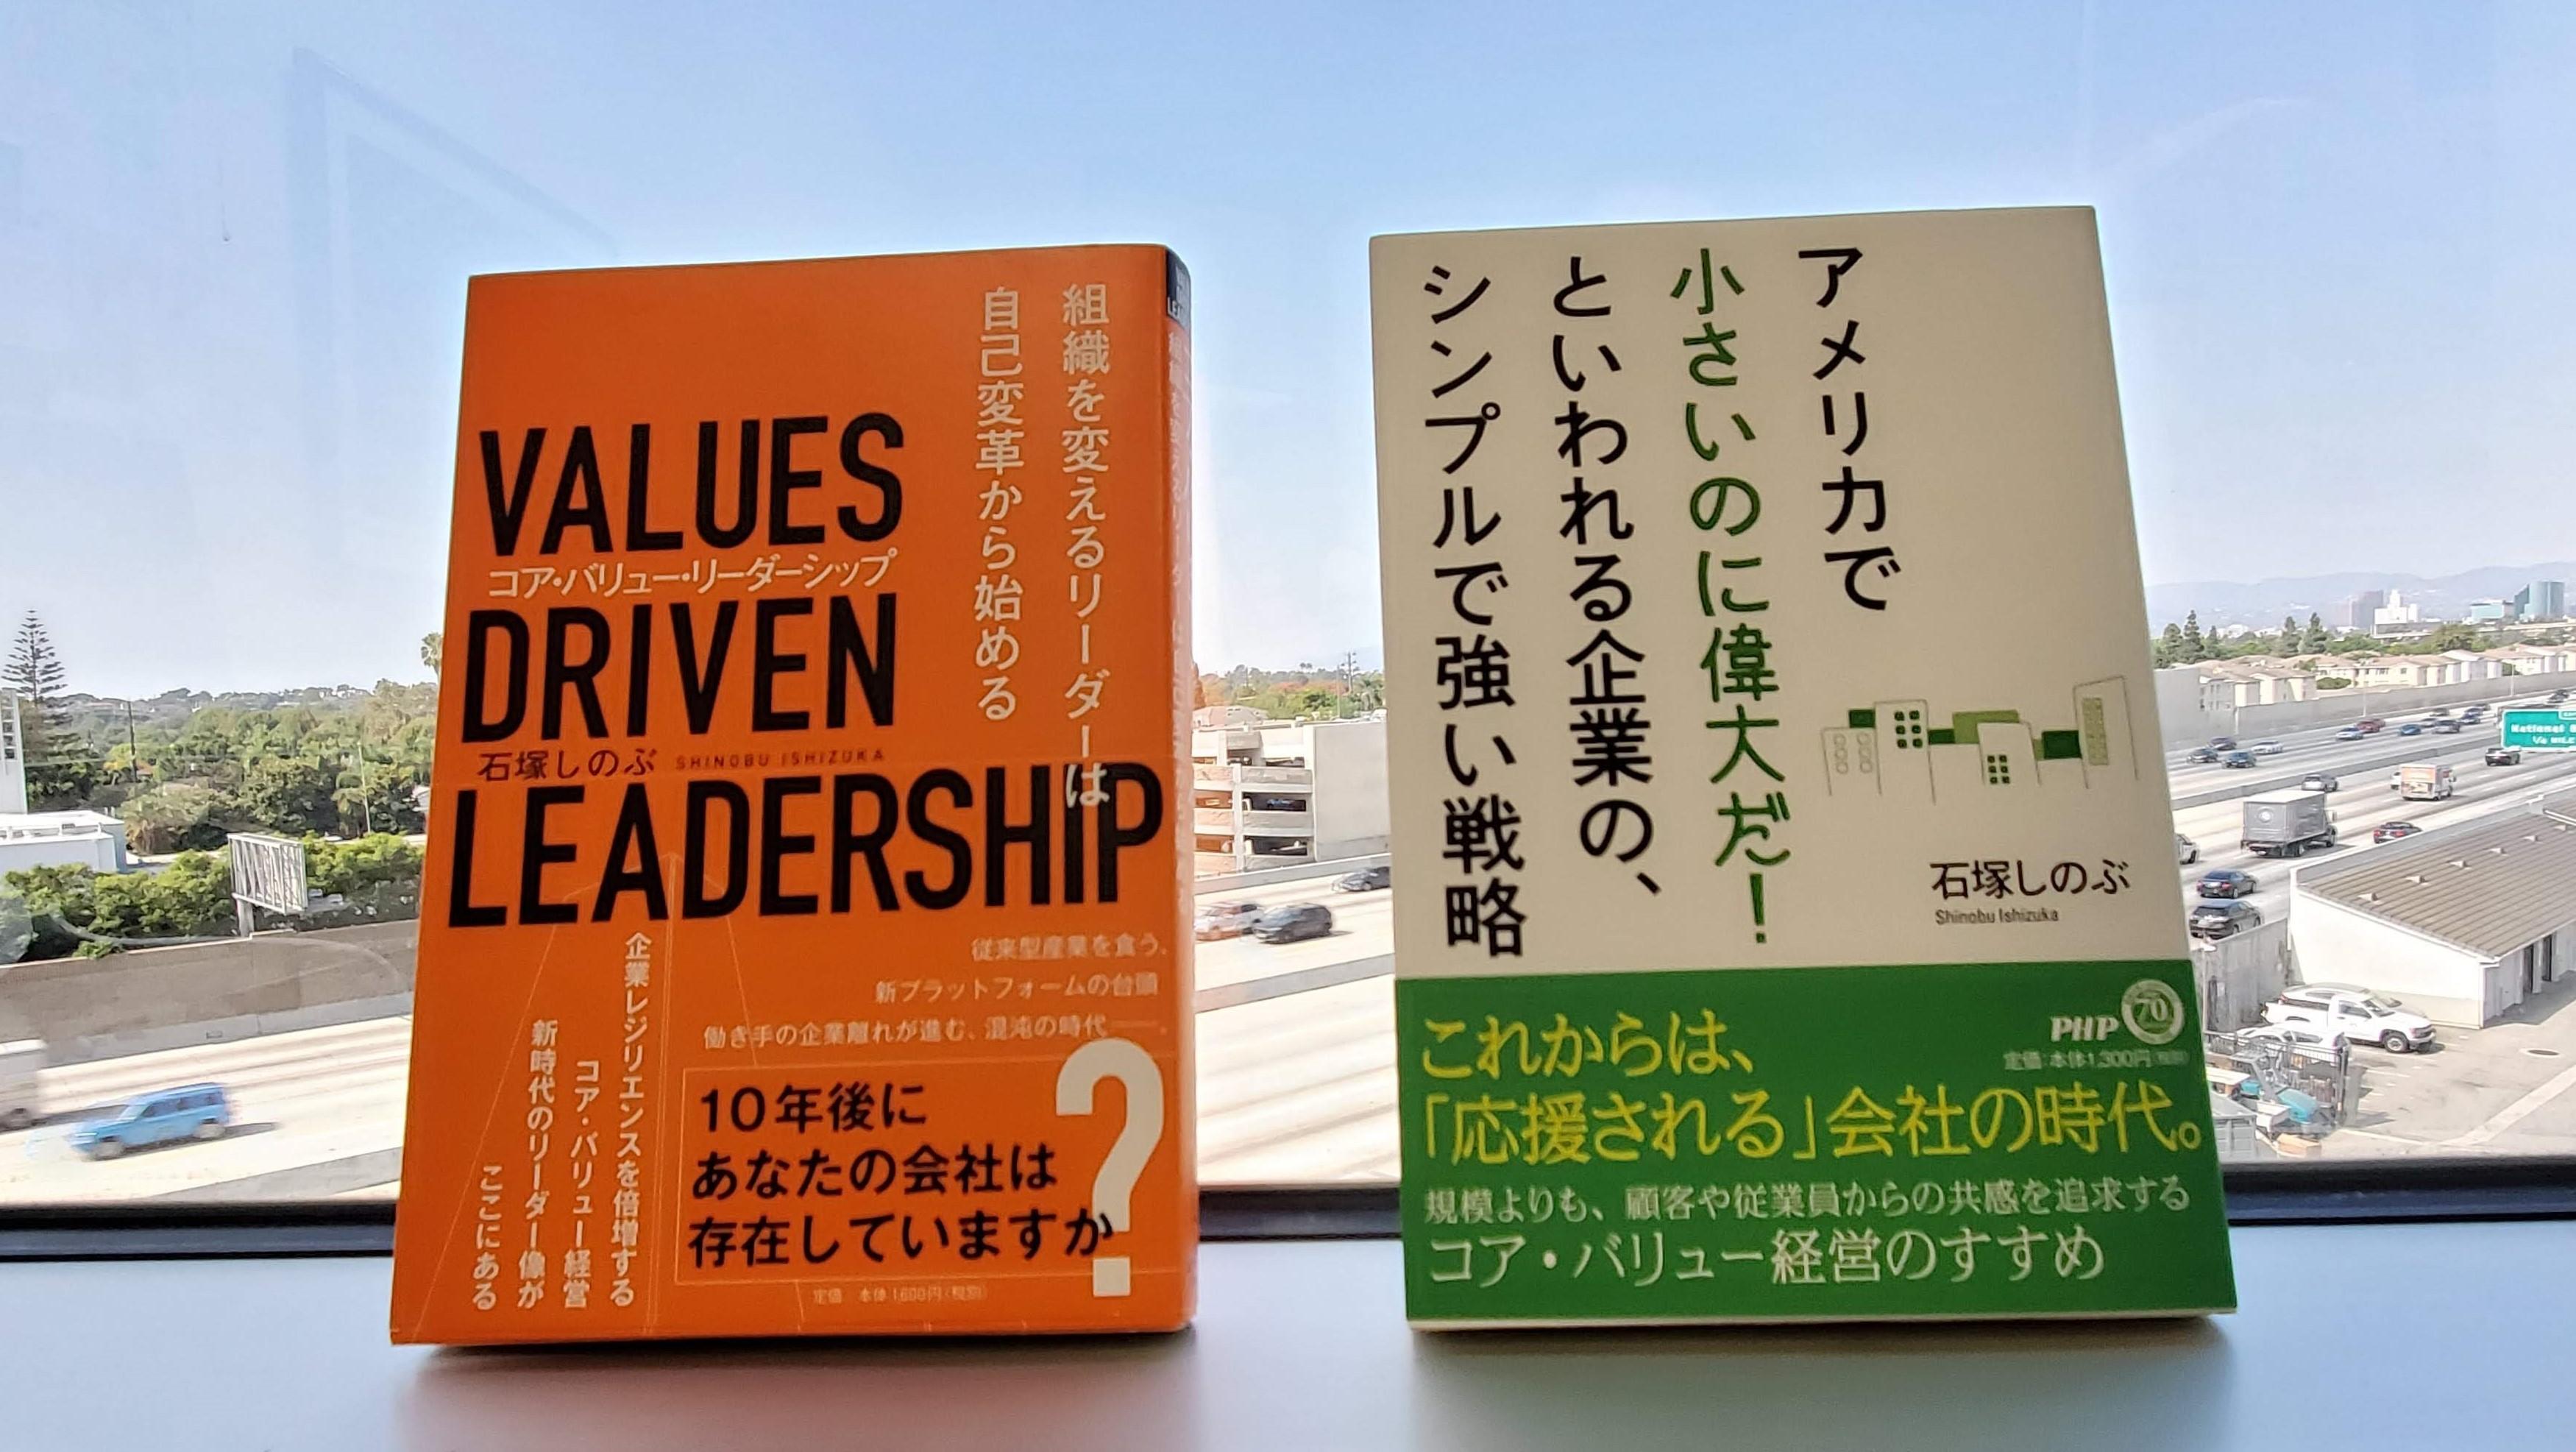 コア・バリュー・リーダーシップ、アメリカで小さいのに偉大だといわれる企業のシンプルで強い戦略